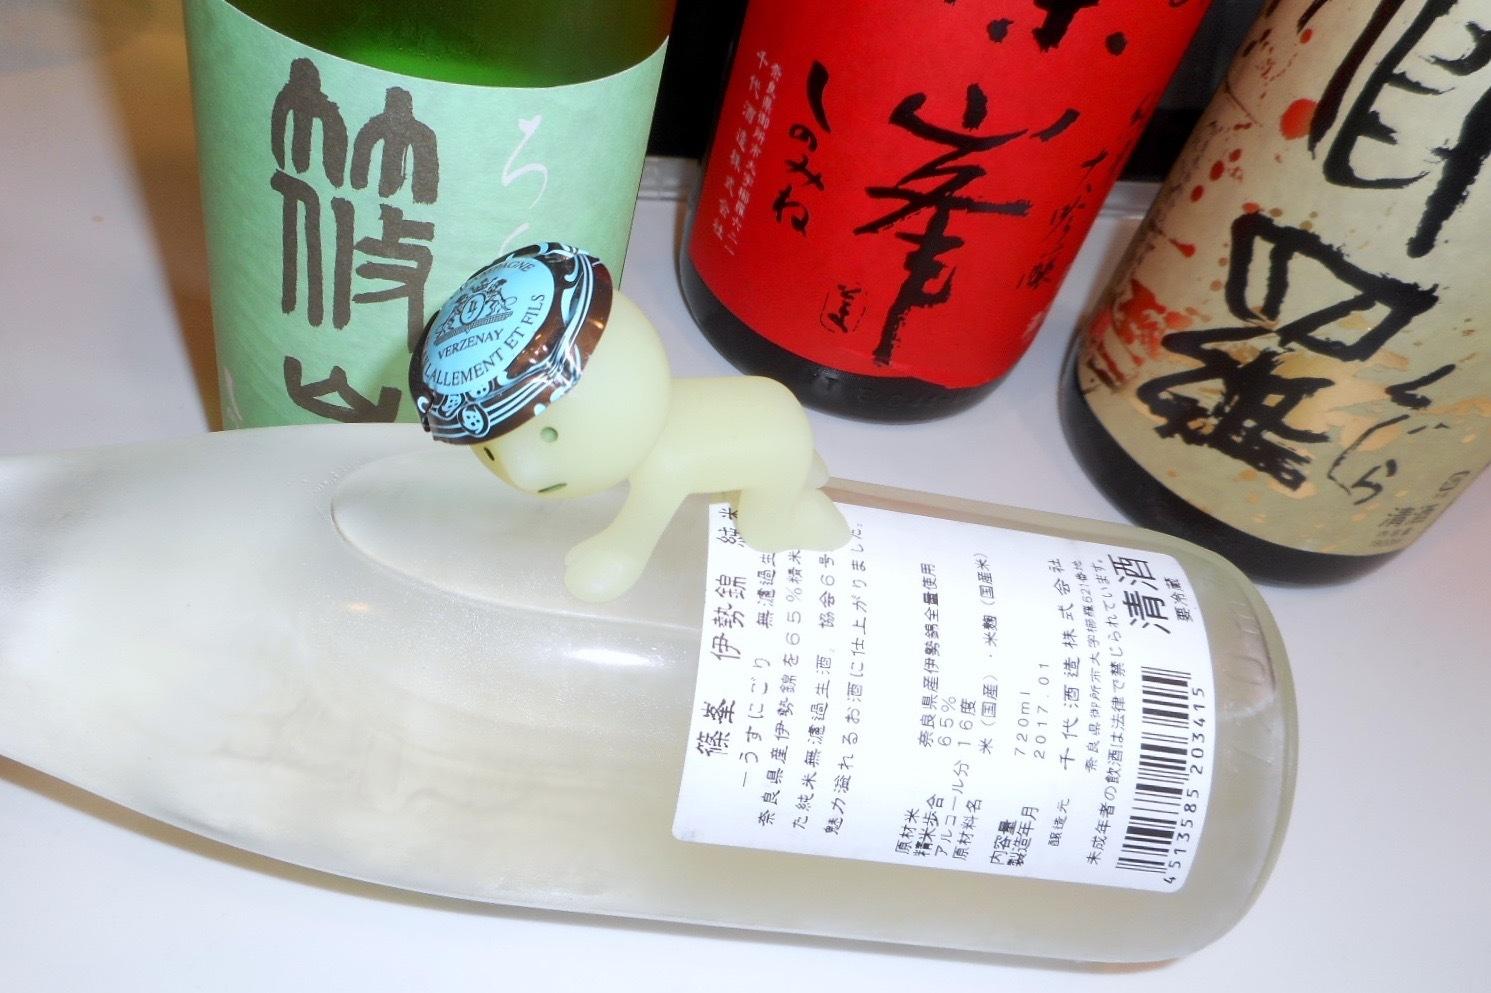 shinomine_isenishiki6528by3.jpg